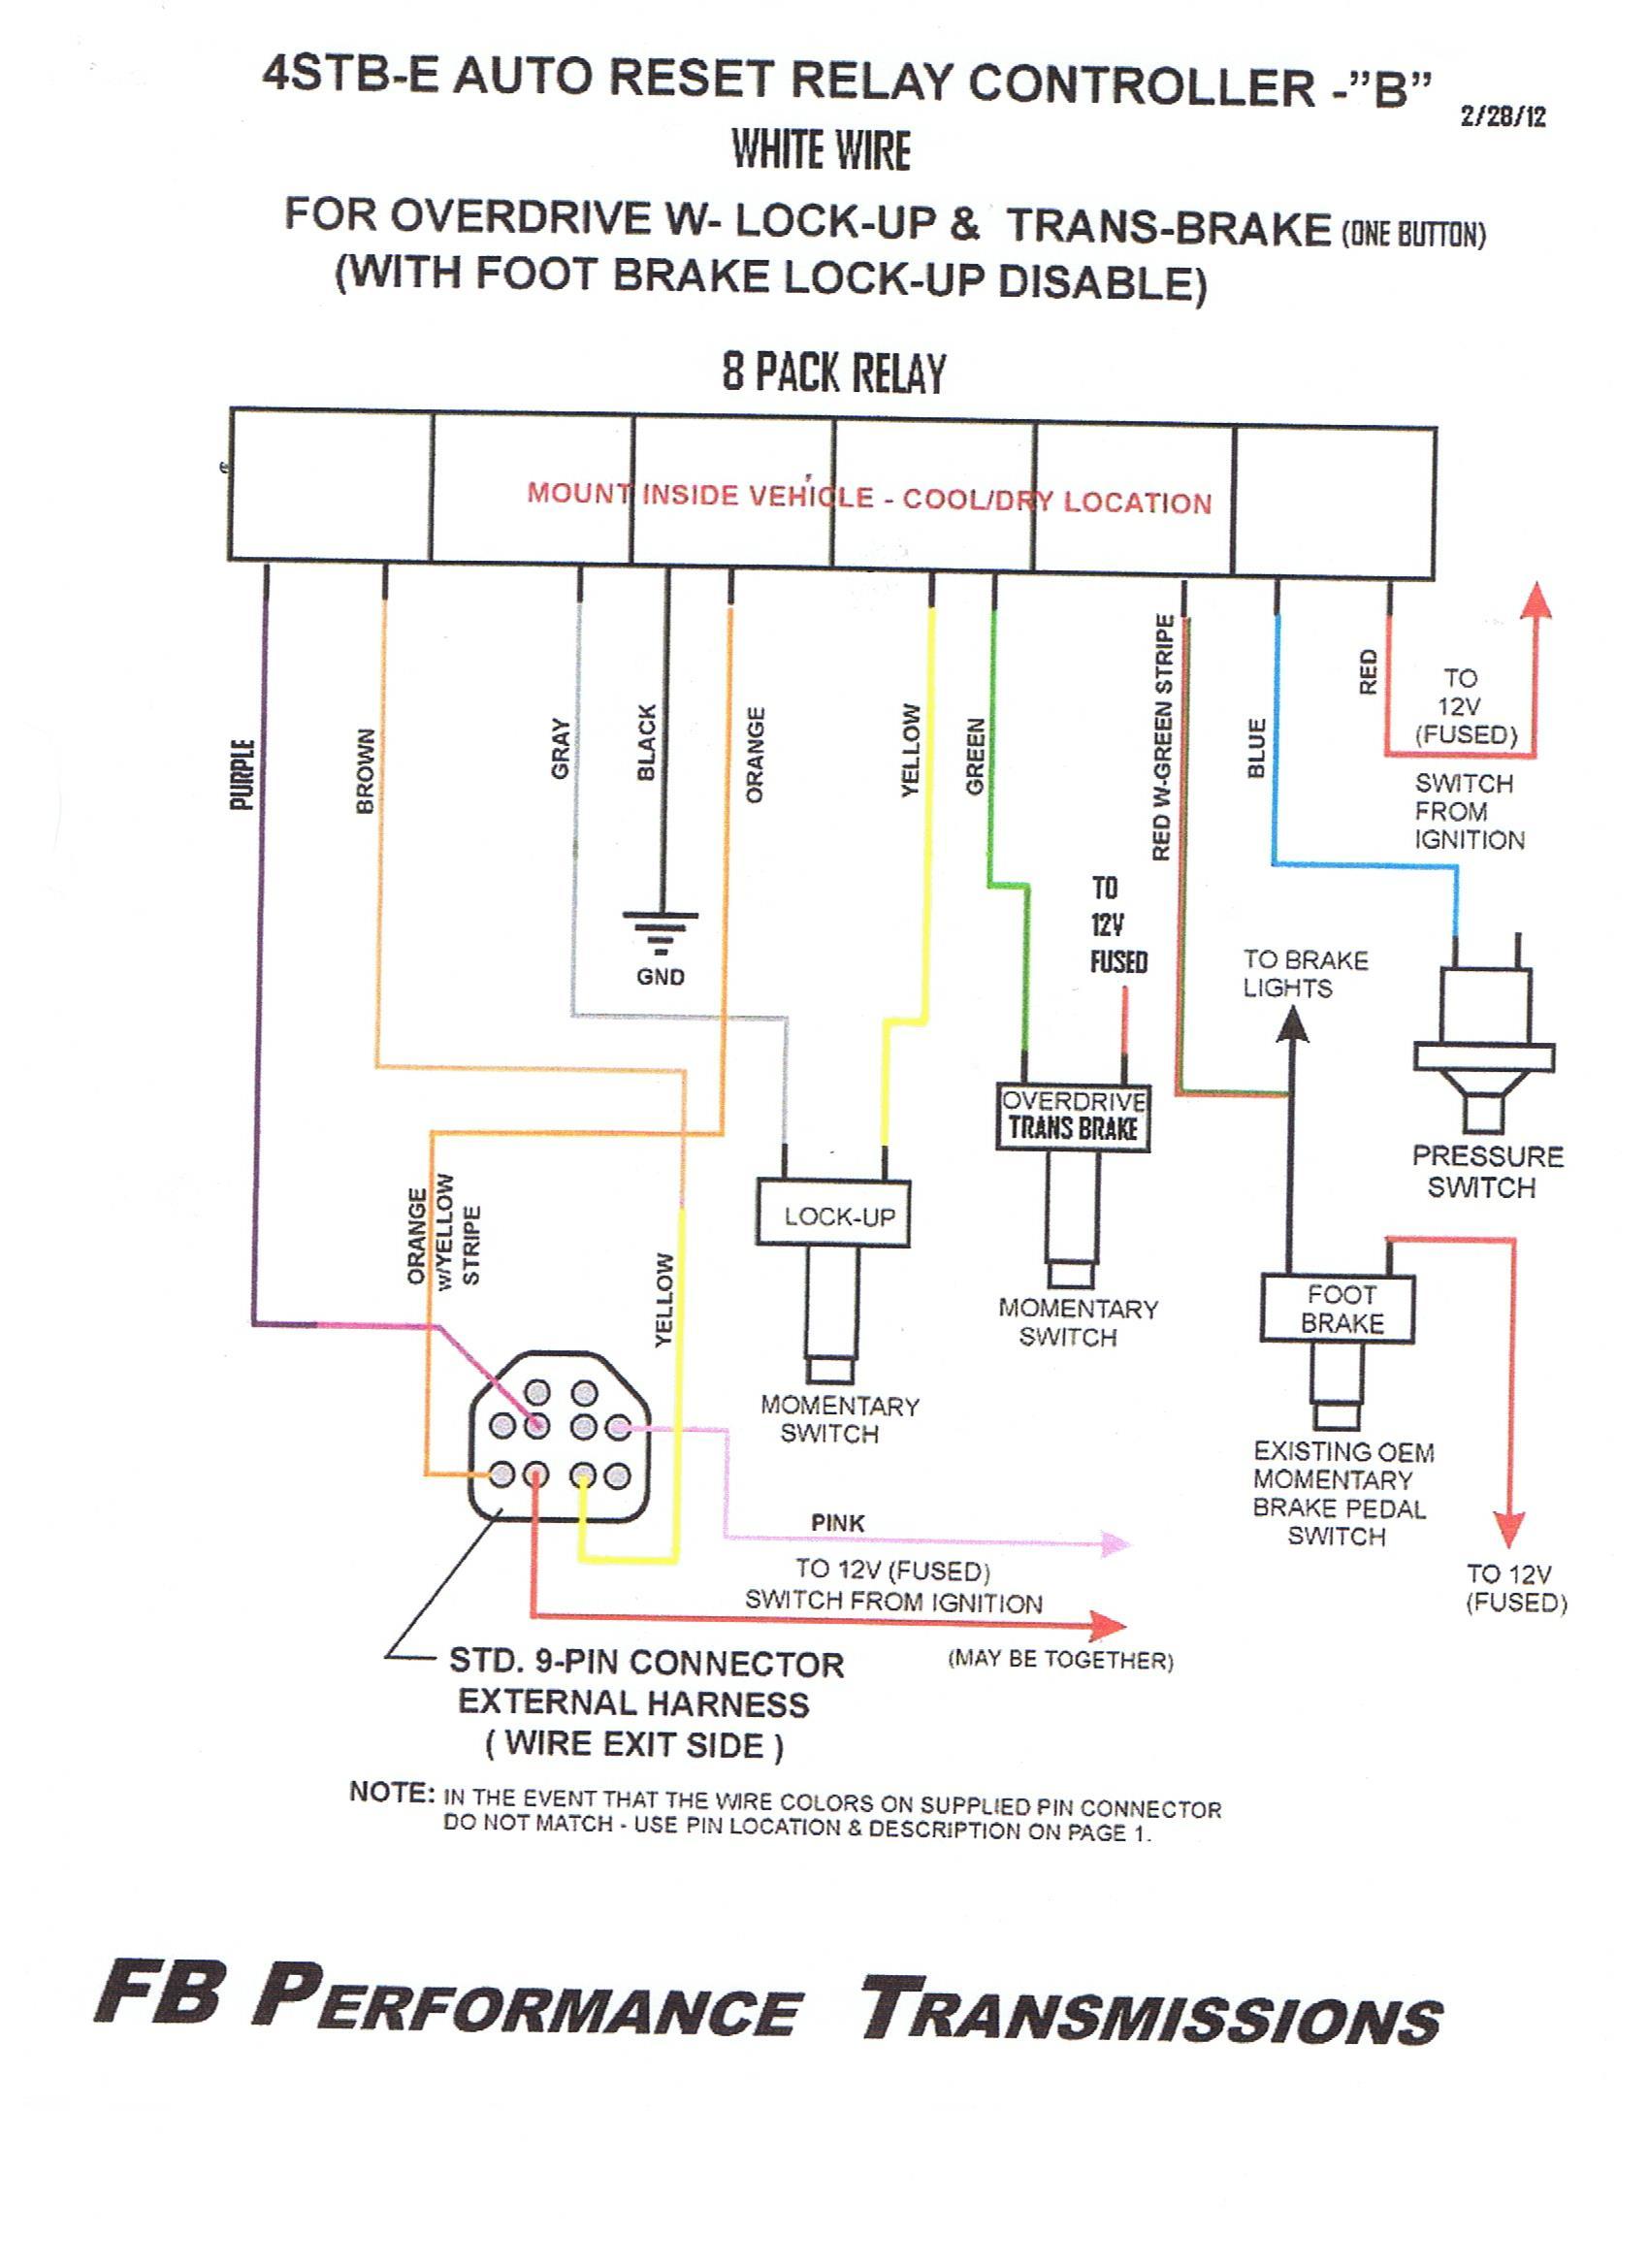 4T40E Diagram | Wiring Diagram - 4L60E Wiring Harness Diagram